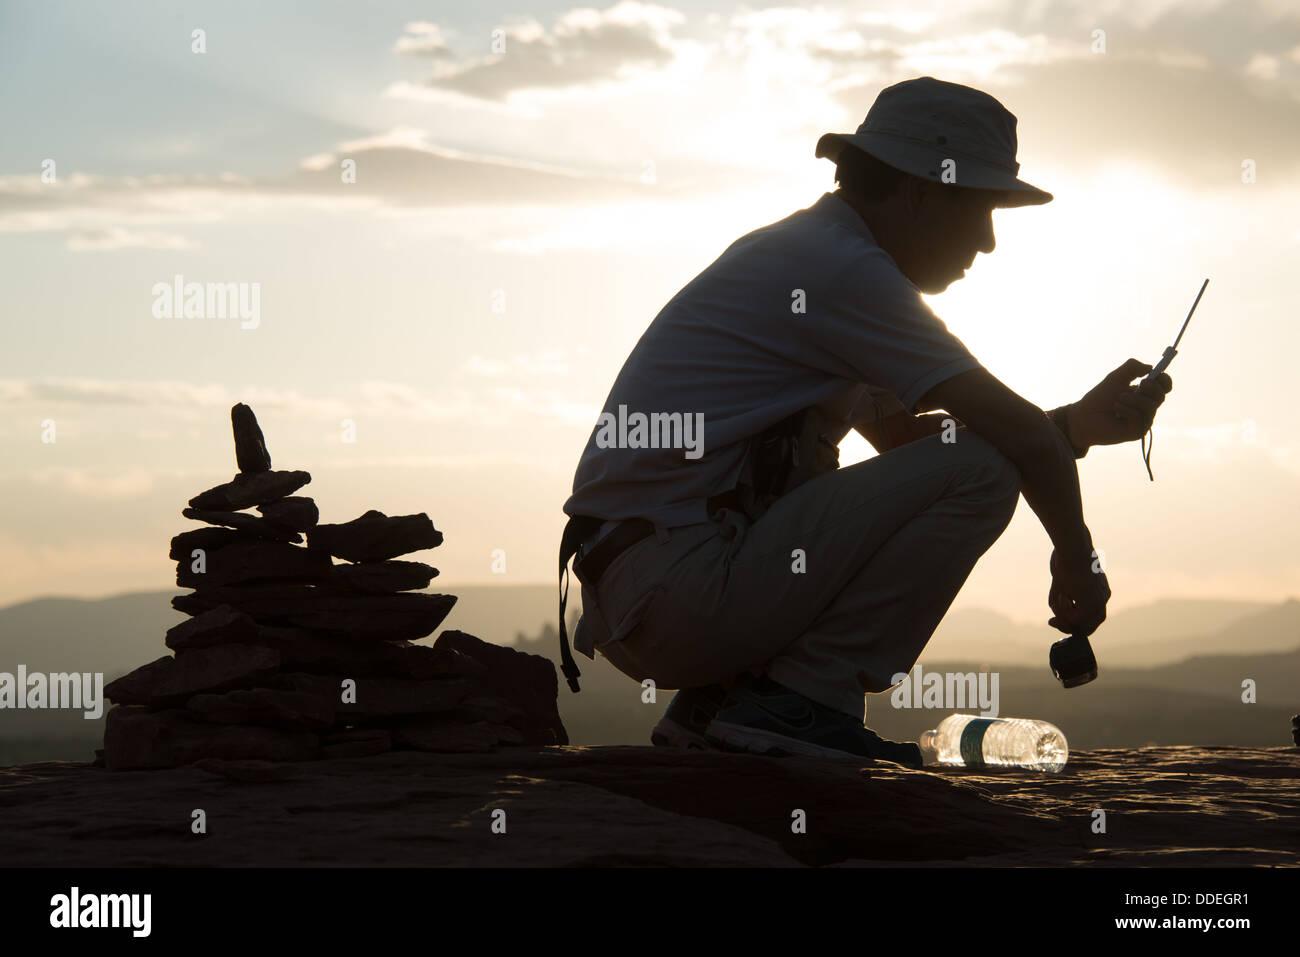 L'uomo Texting con Cairn dietro Aeroporto Vortex Sedona in Arizona Immagini Stock